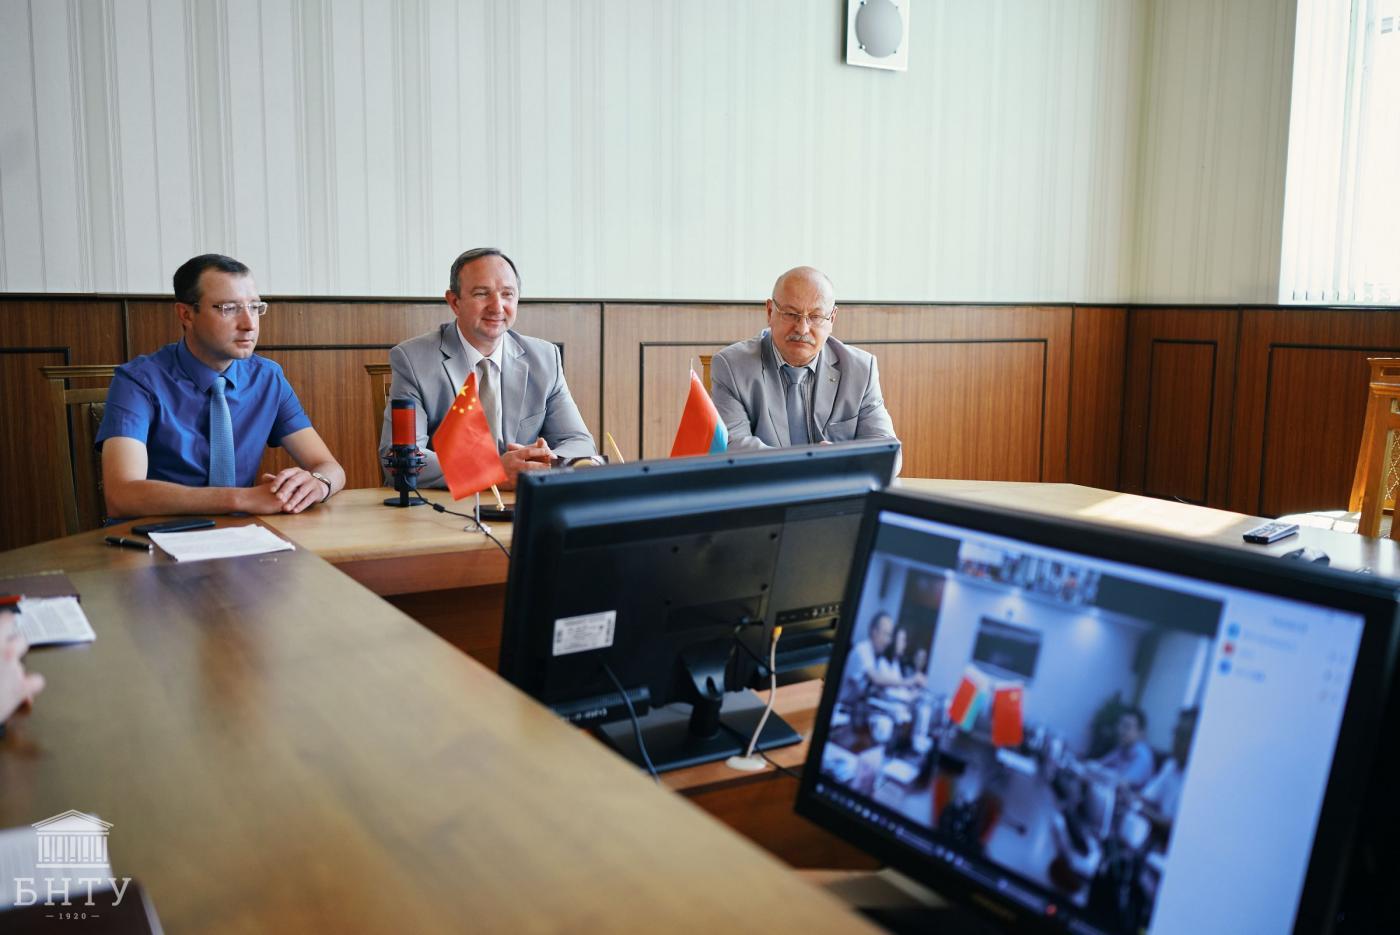 БНТУ подписал договор о сотрудничестве с Шаньдунским транспортным университетом